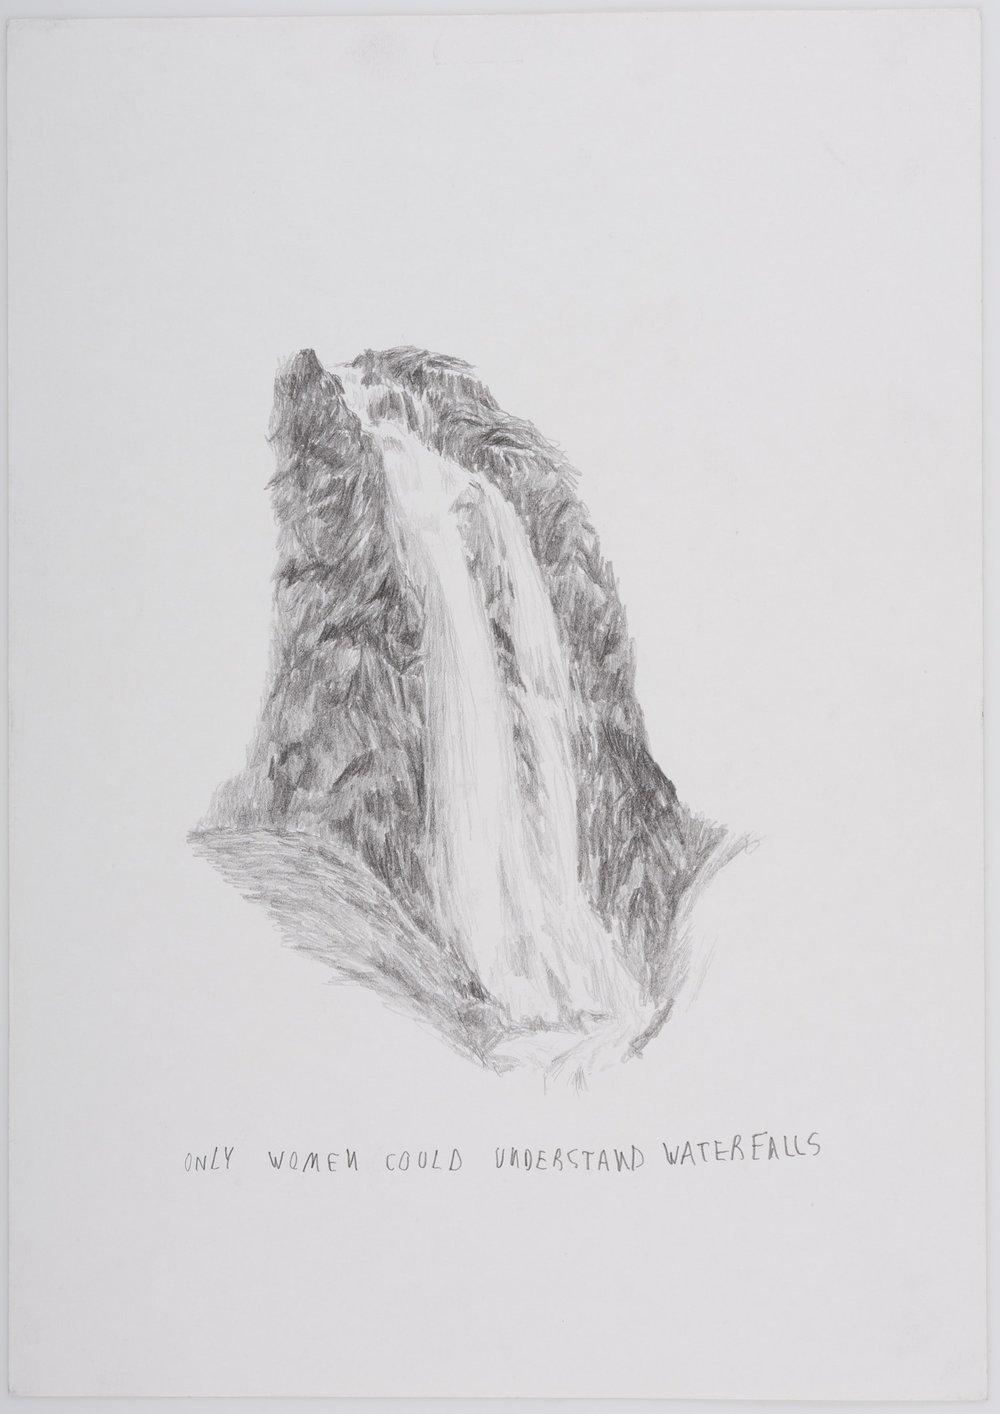 Solo las mujeres pueden entender cascadas   Grafito sobre papel      26 x 20 cm.2002